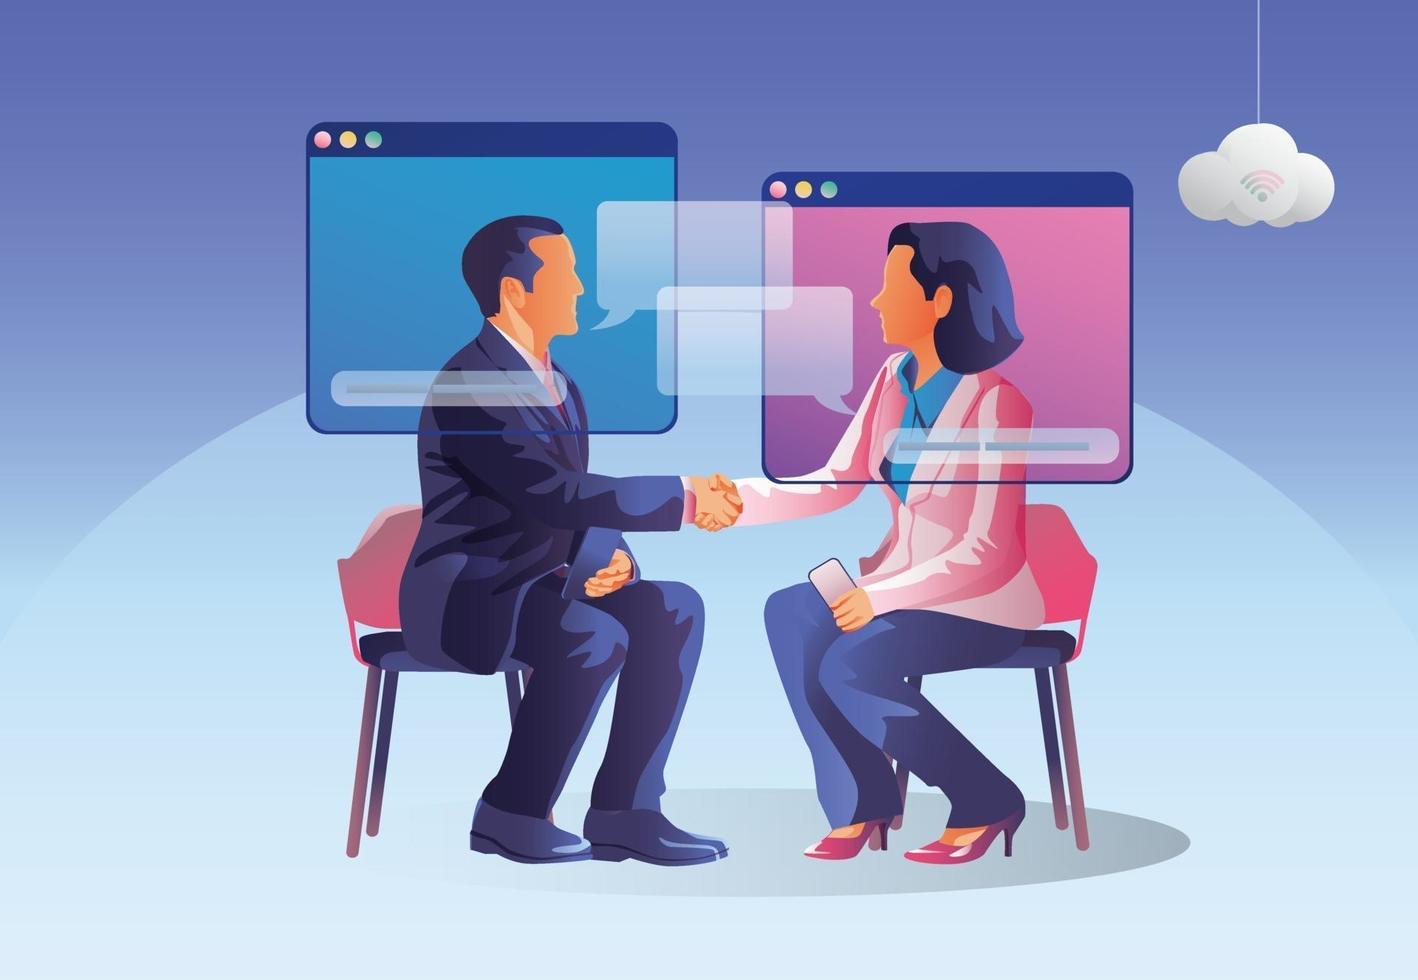 les gens utilisent la vidéoconférence. les gens sur l'écran de la fenêtre parlant avec des collègues vidéoconférence et page d'espace de travail de réunion en ligne, apprentissage de l'homme et de la femme. illustration vectorielle, plat vecteur